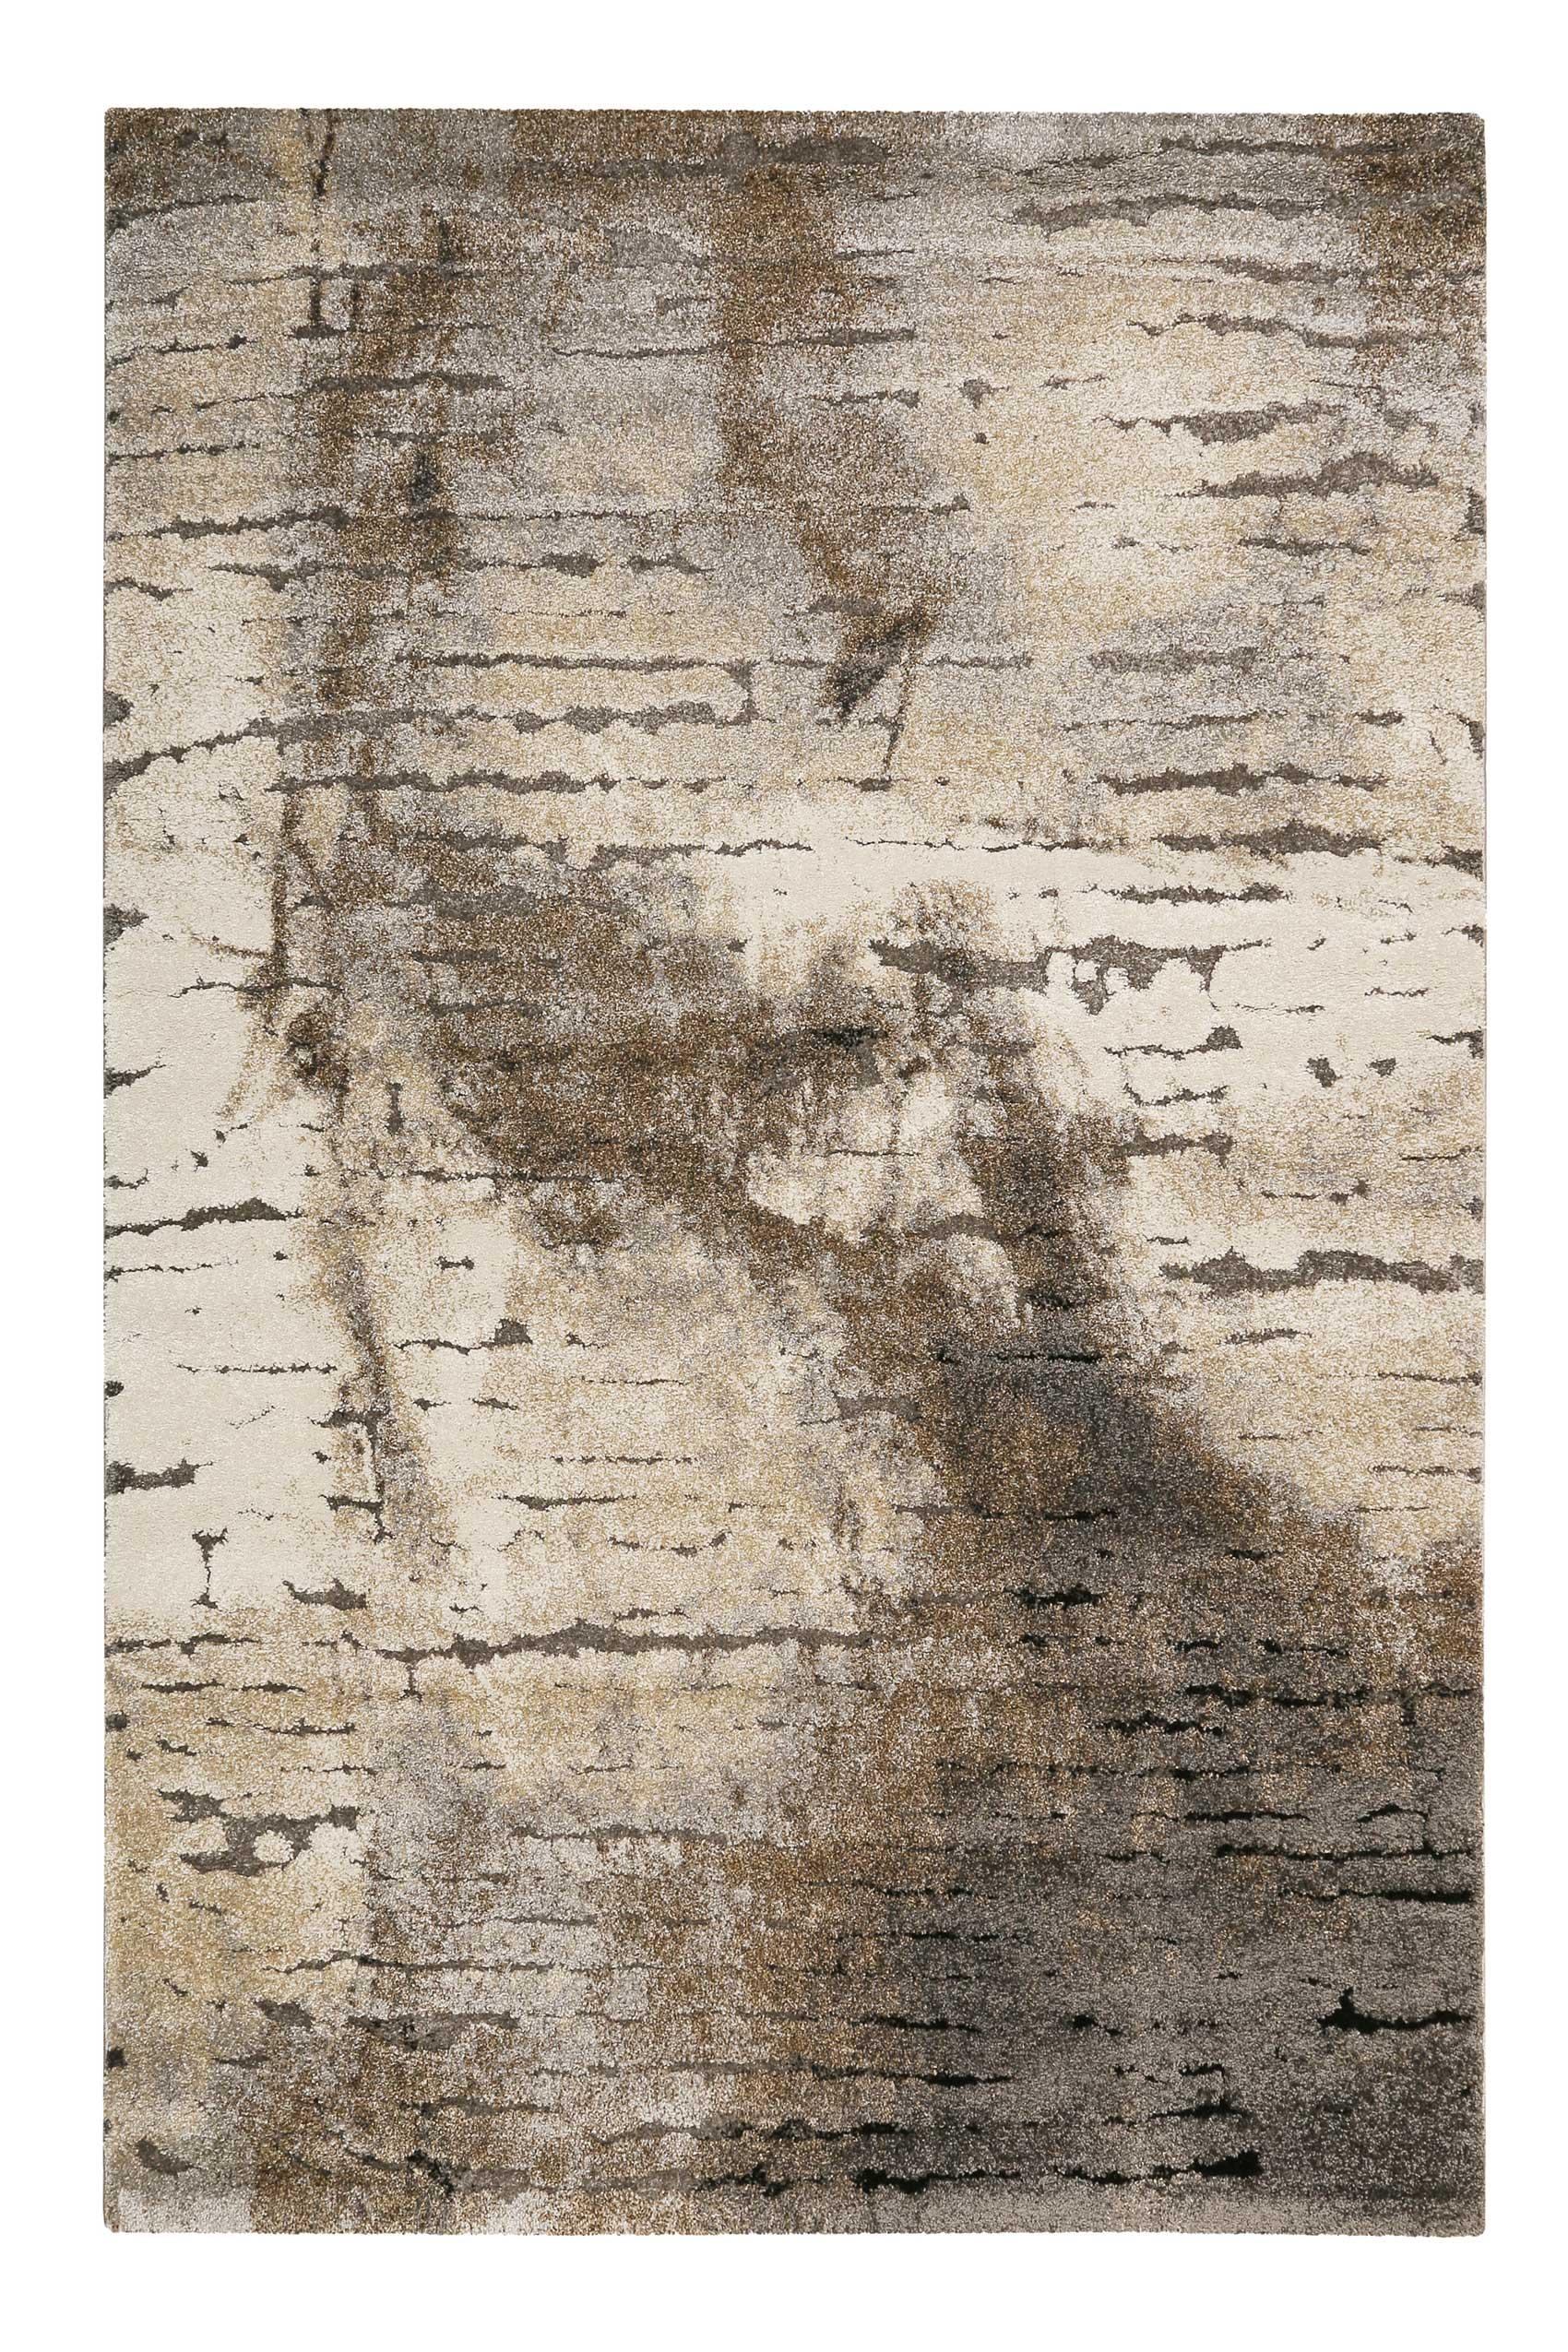 Tapis motif effet mur béton pour salon, chambre gris/brun 170x120